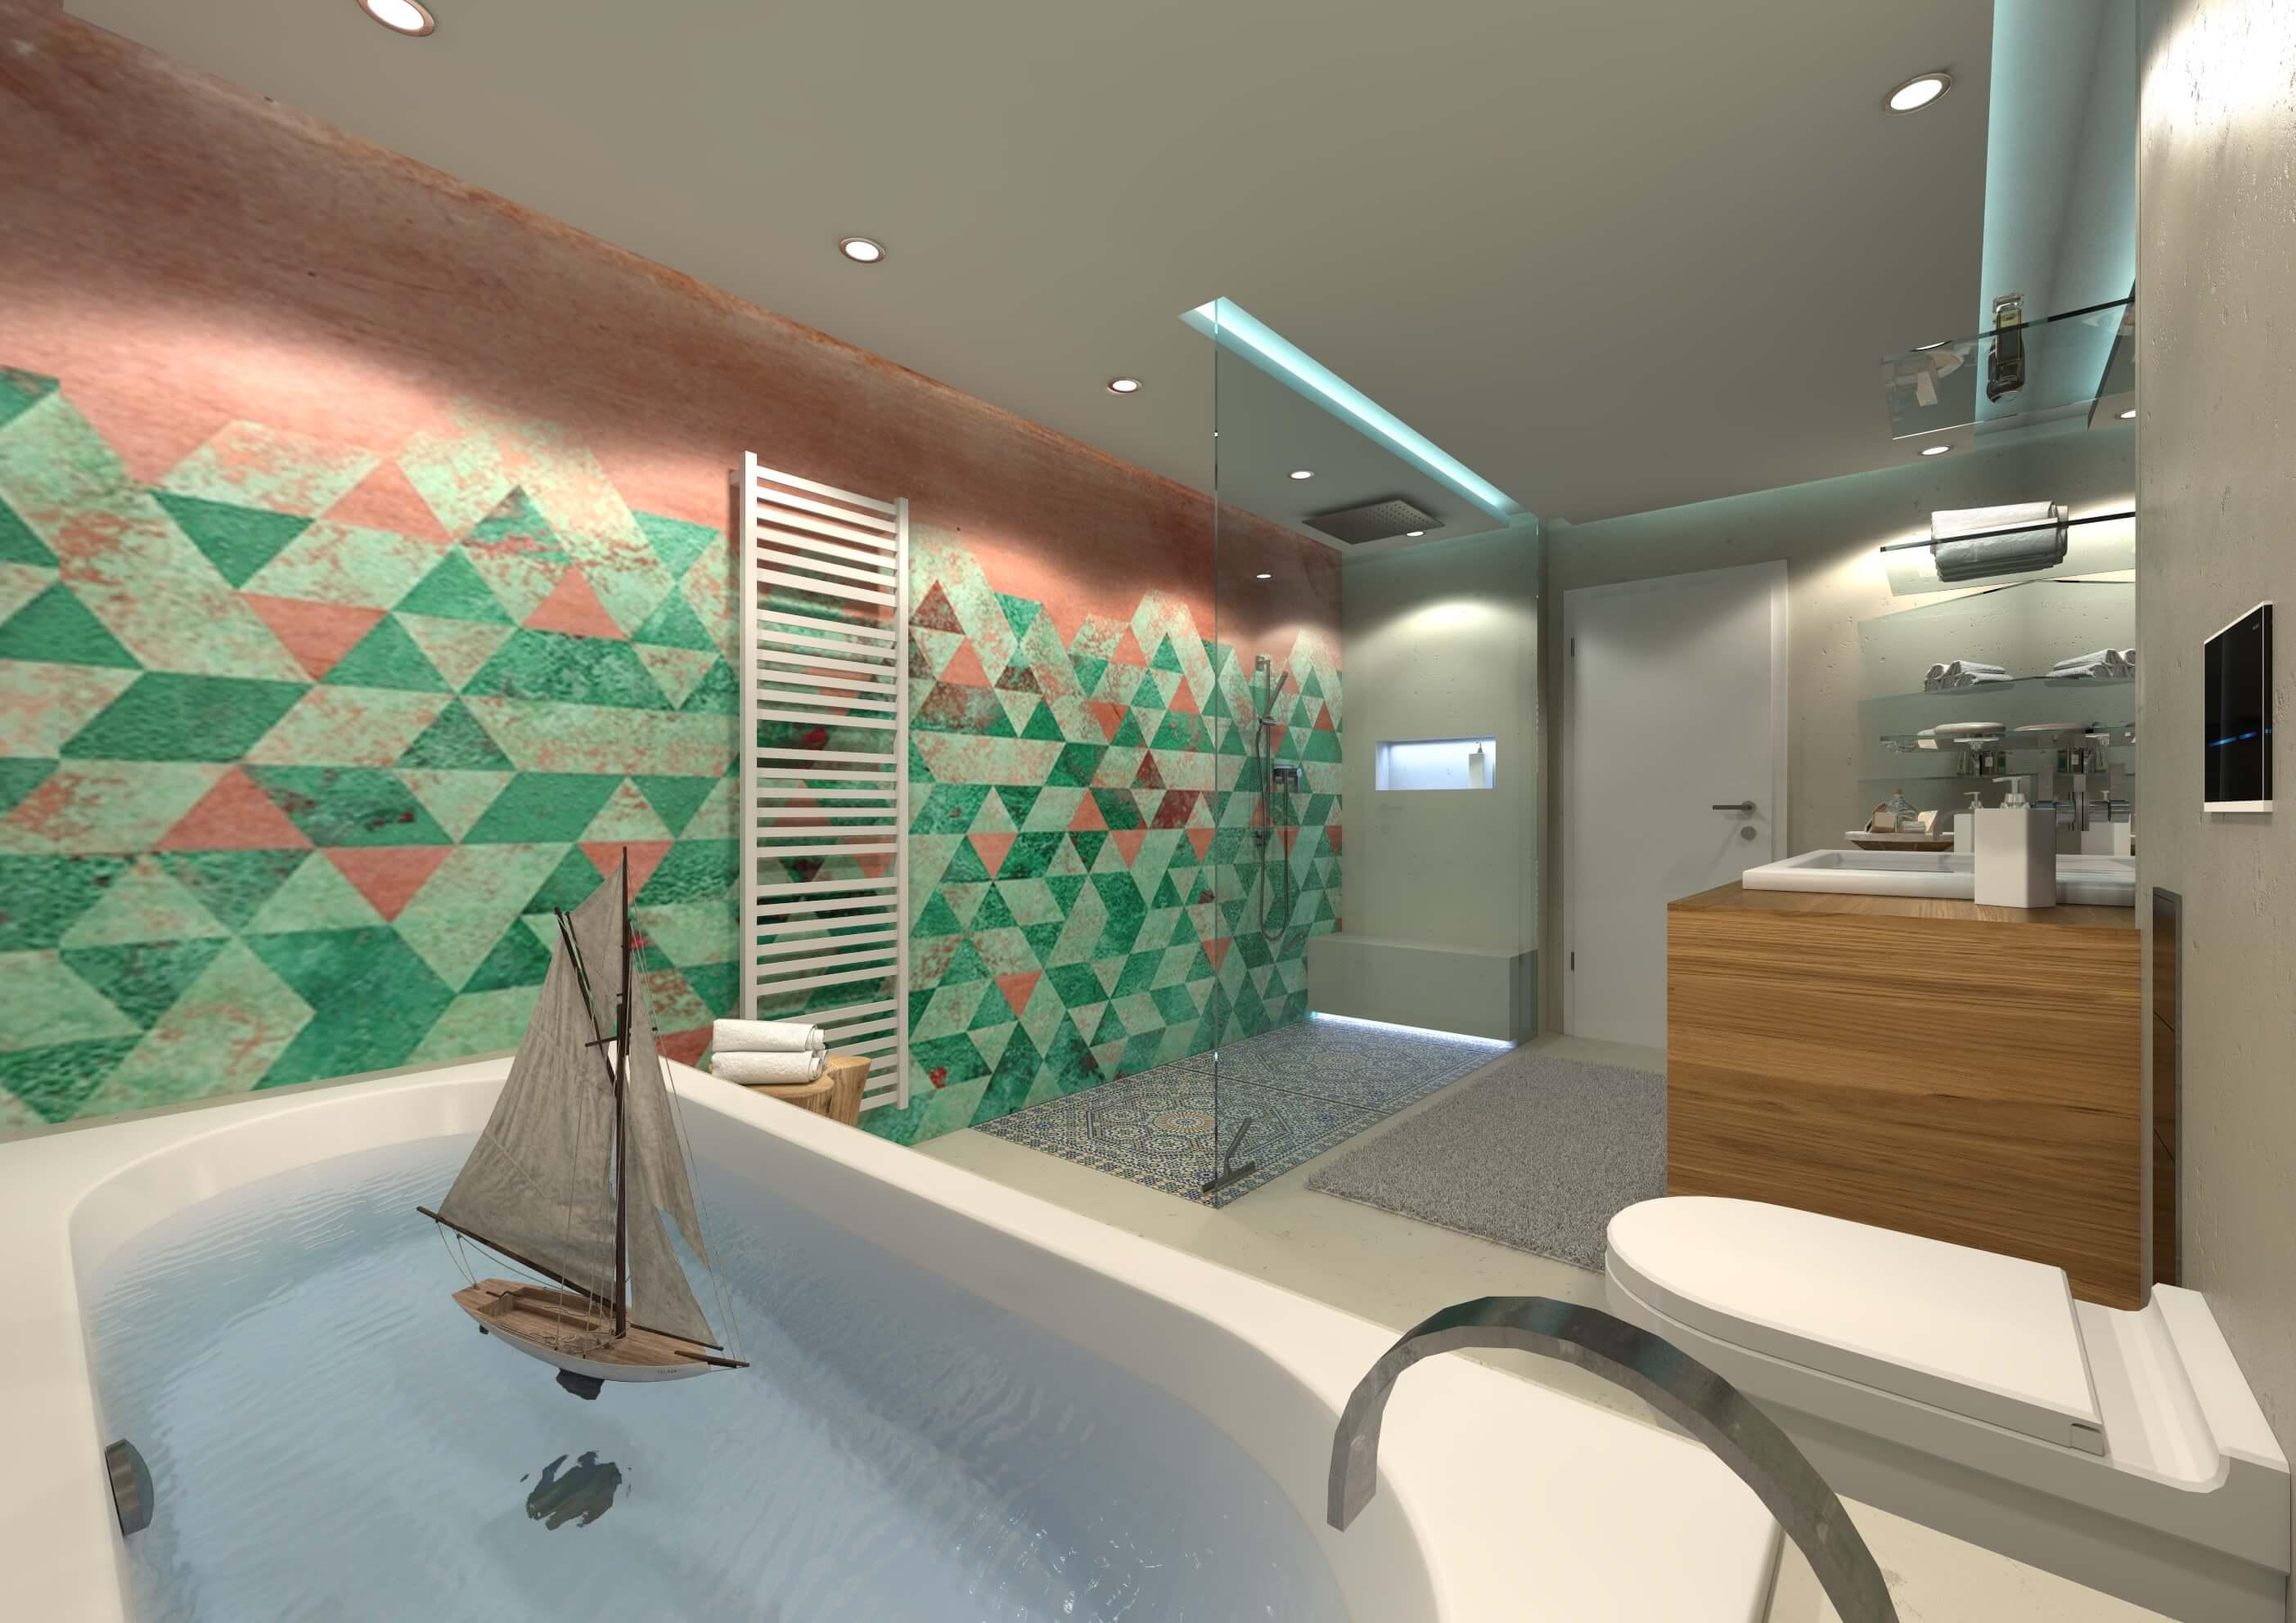 WET SYSTEM Innovation und Funktionalität WET SYSTEM™ ist die technische Beschichtung mit eingereichtem Patent für feuchte Bereiche wie bspw. Badezimmer, Termalbäder, Wellness- und Fitness-Studios. In einem einzigen System ist die wasserabdichtende Funktion der flüssigen Oberflächenschicht mit den hochwertig dekorativen Tapeten der Wall&decò vereint. Im Gegensatz zu anderen Wandbeschichtungen, ist das WET SYSTEM™ nicht nur wasserdicht, sondern auch ein dekorativer Wandbezug, der den Wasserdurchfluss in die darunterliegende Schicht verhindert und die Wasserabdichtung der behandelten Oberflächen in Nassbereichen wie Badezimmer und Duschboxen garantiert.